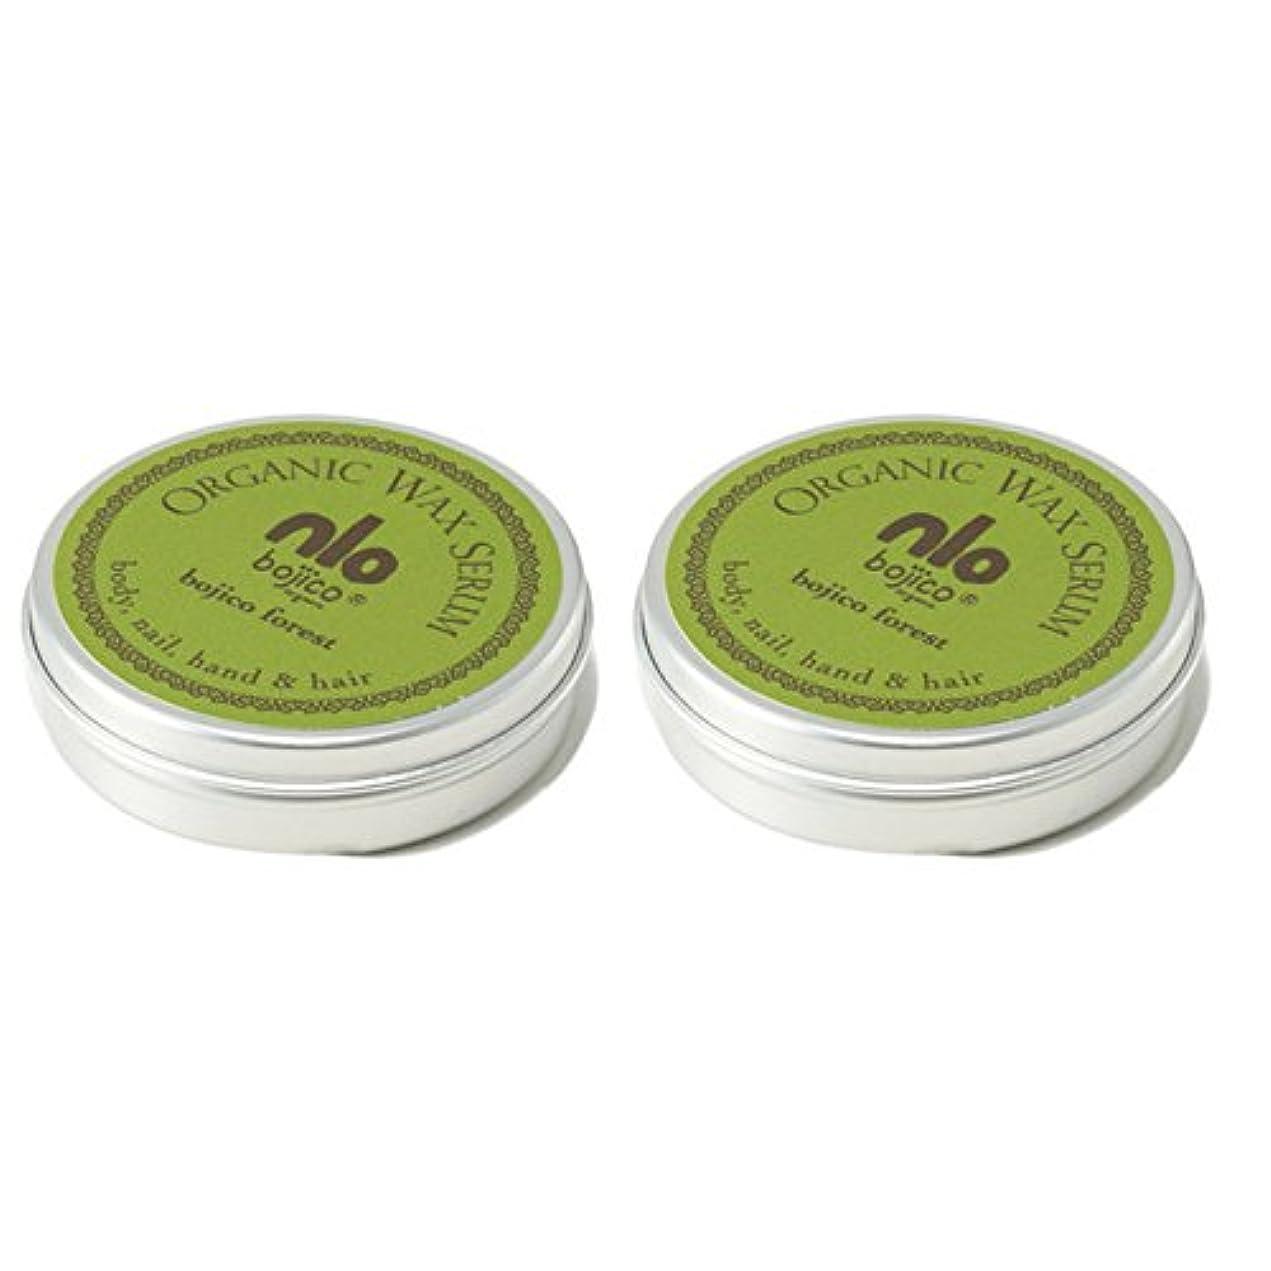 ウィンク受取人普及【40g×2個セット】 ボジコ オーガニック ワックス セラム <フォレスト> bojico Organic Wax Serum 40g×2